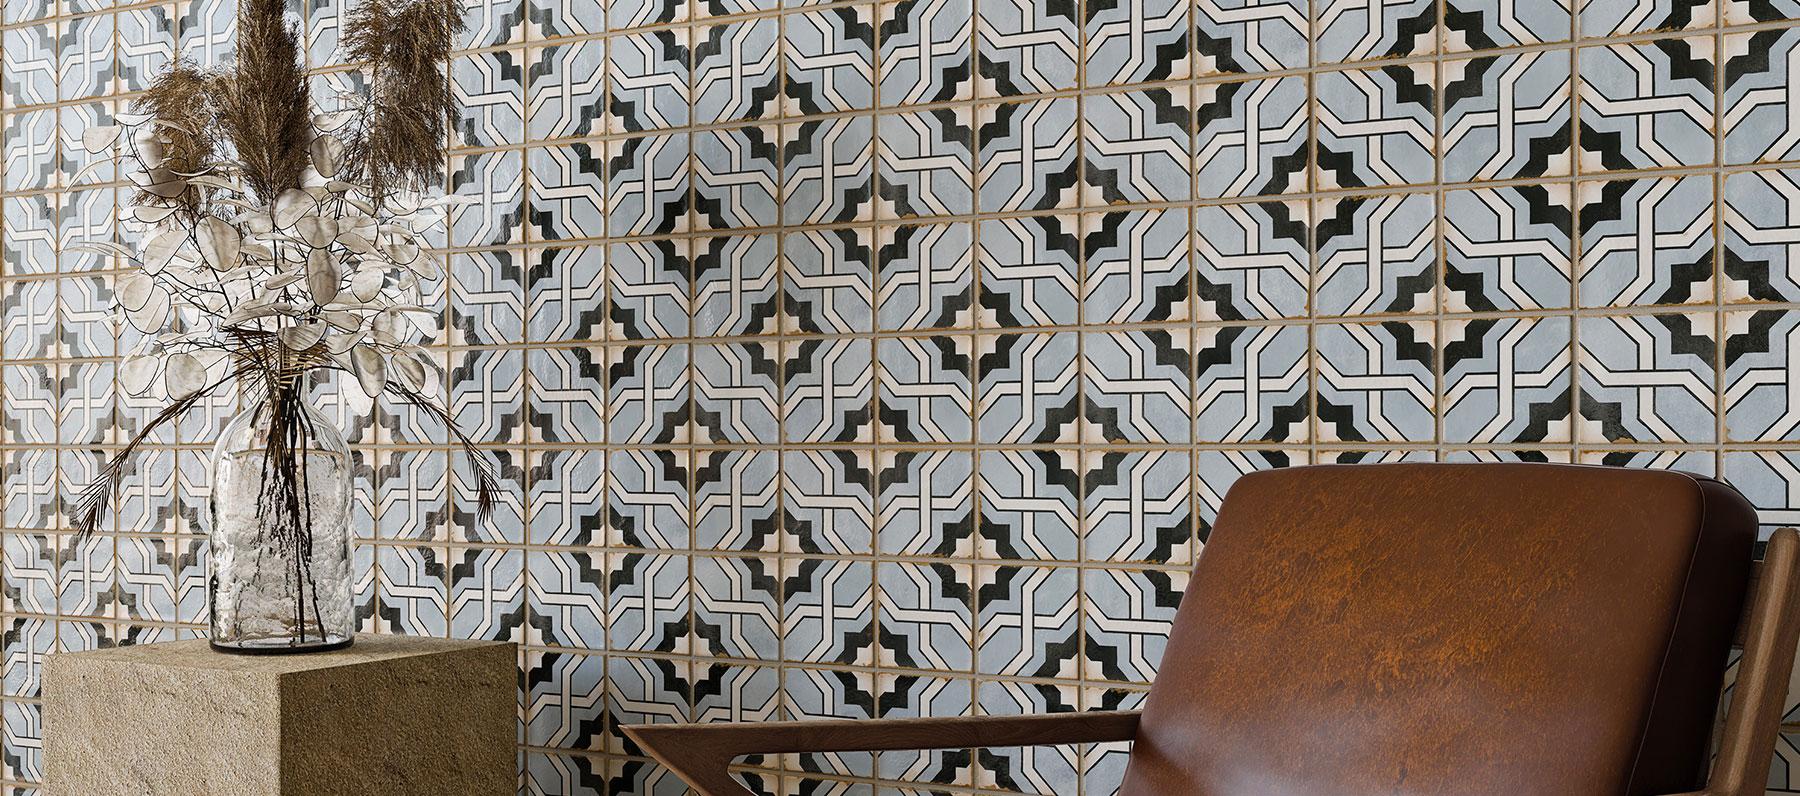 Morocco è disponibile in 10 diverse declinazioni, questa collezione spazia dalle delicate sfumature pastello del Kenzi all'ineffabile semplicità del White fino all'esuberanza dei motivi ornamentali Rialto.